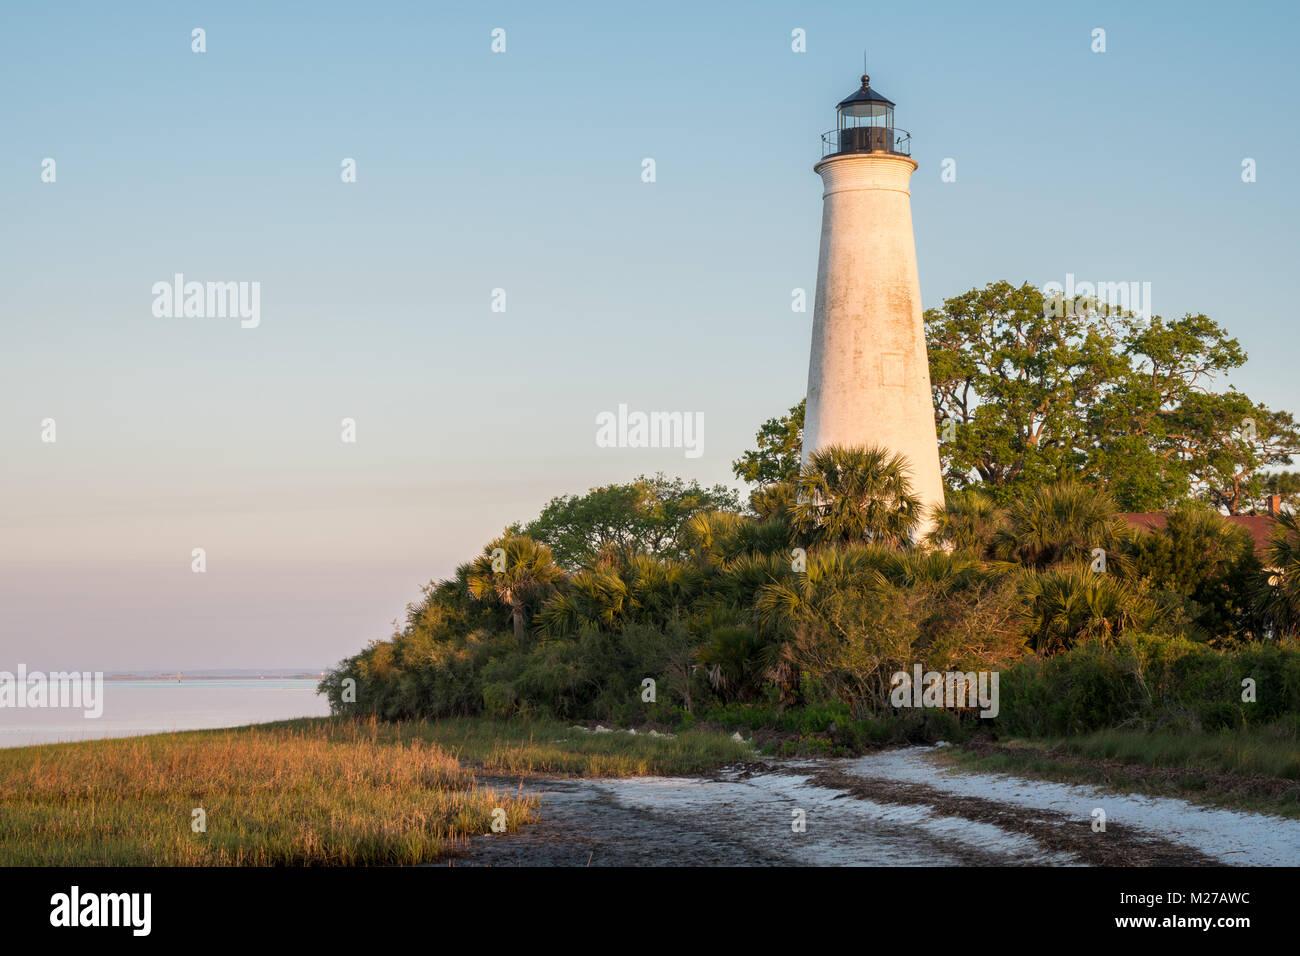 St. Marks Lighthouse, St. Marks Wildlife Refuge, Florida - Stock Image